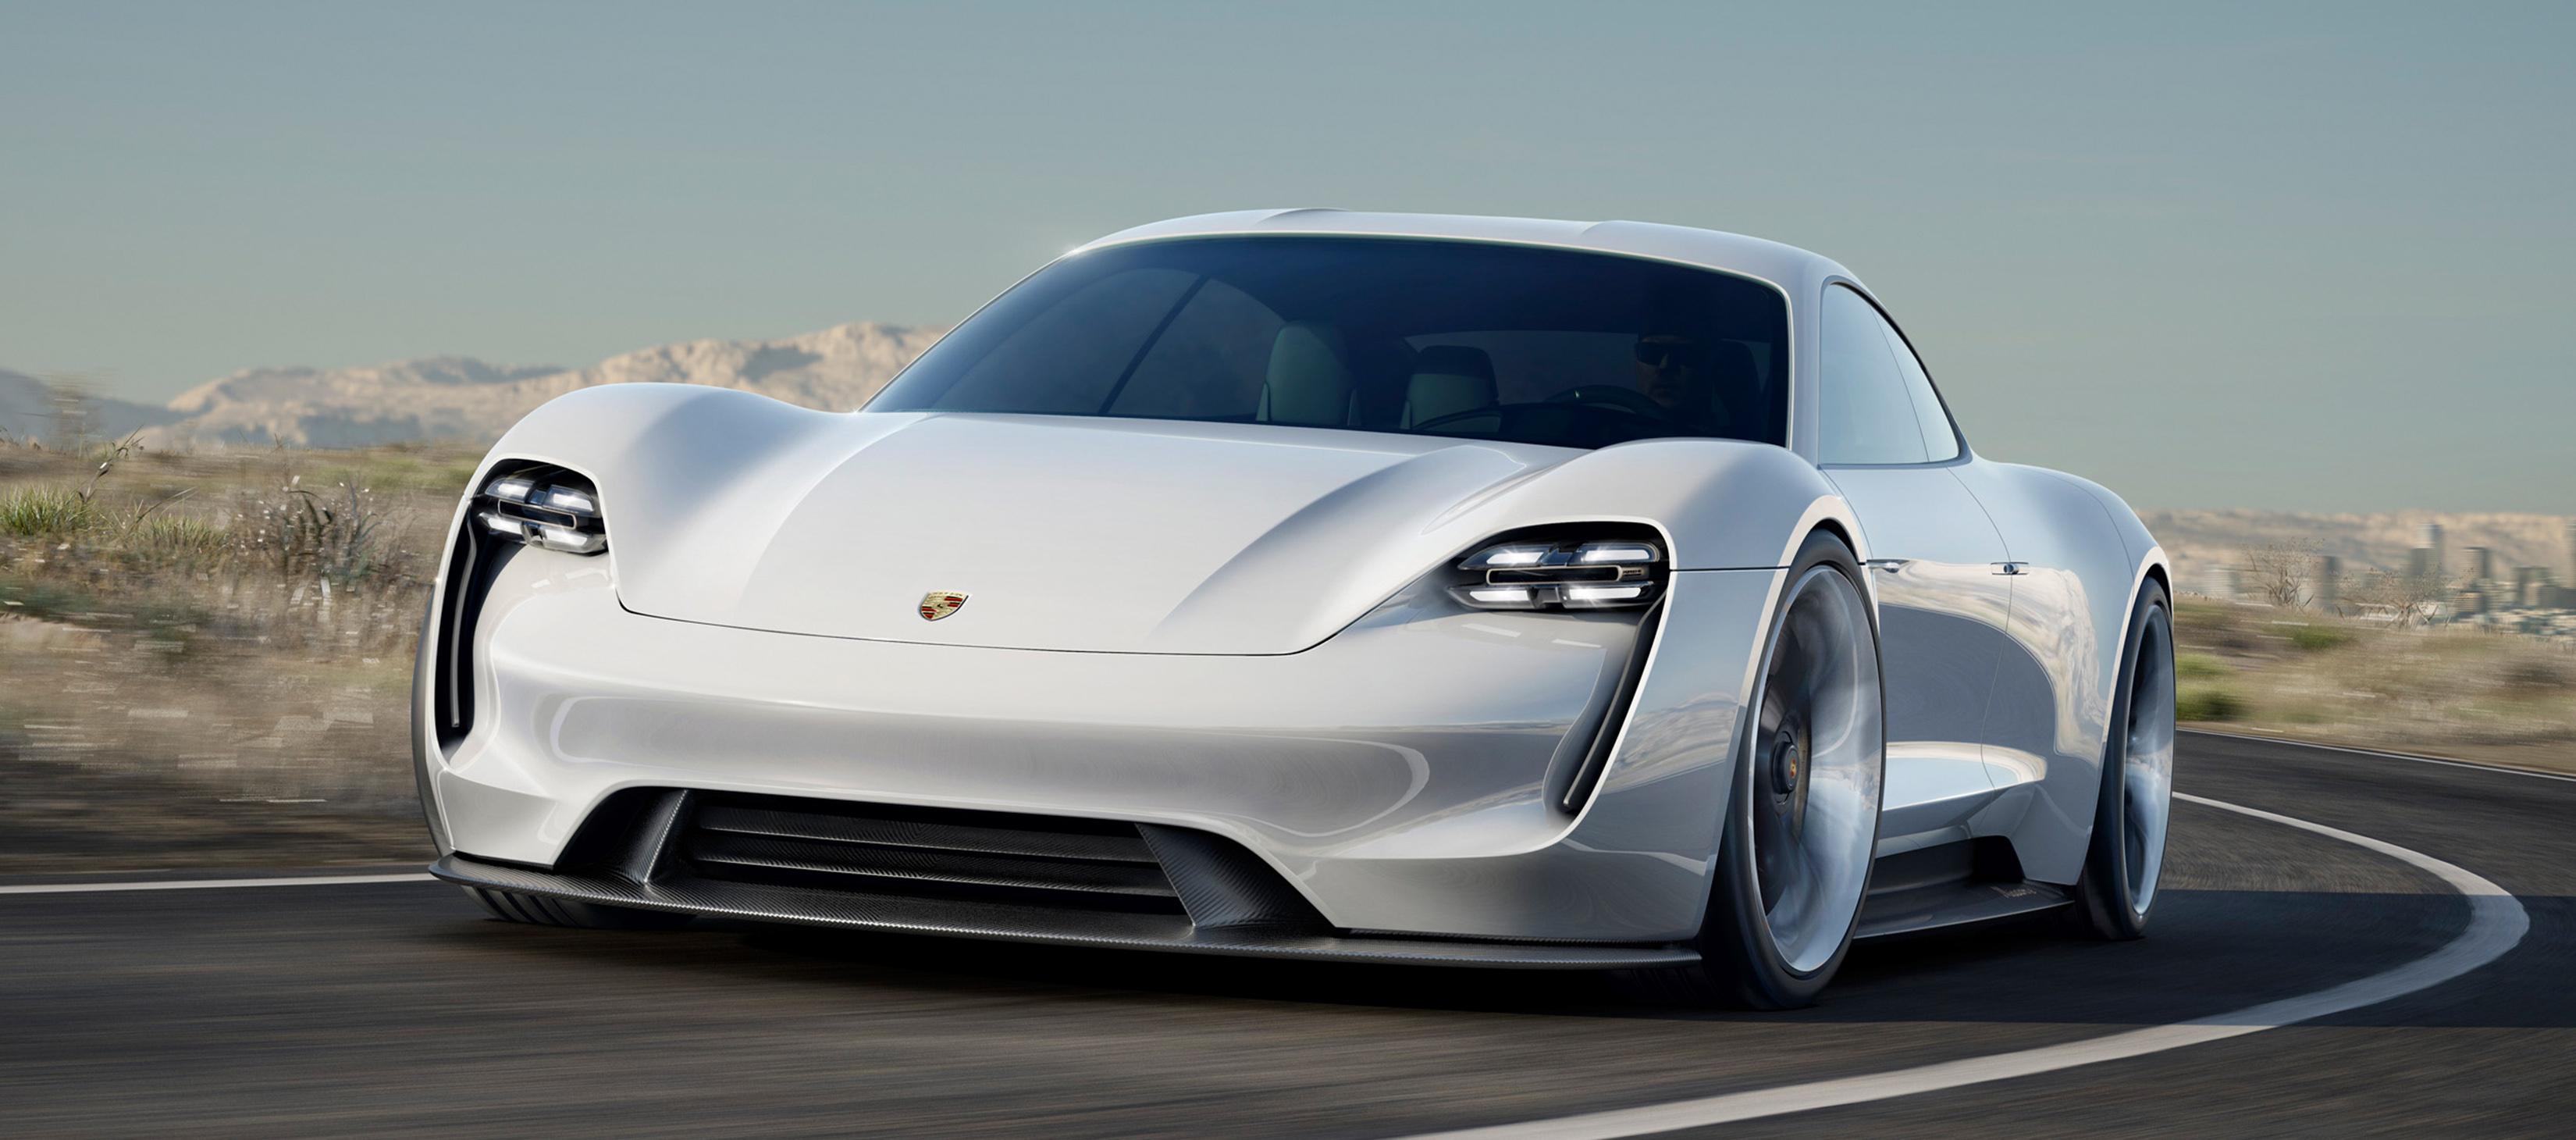 Porsche comienza su era eléctrica con el Taycan